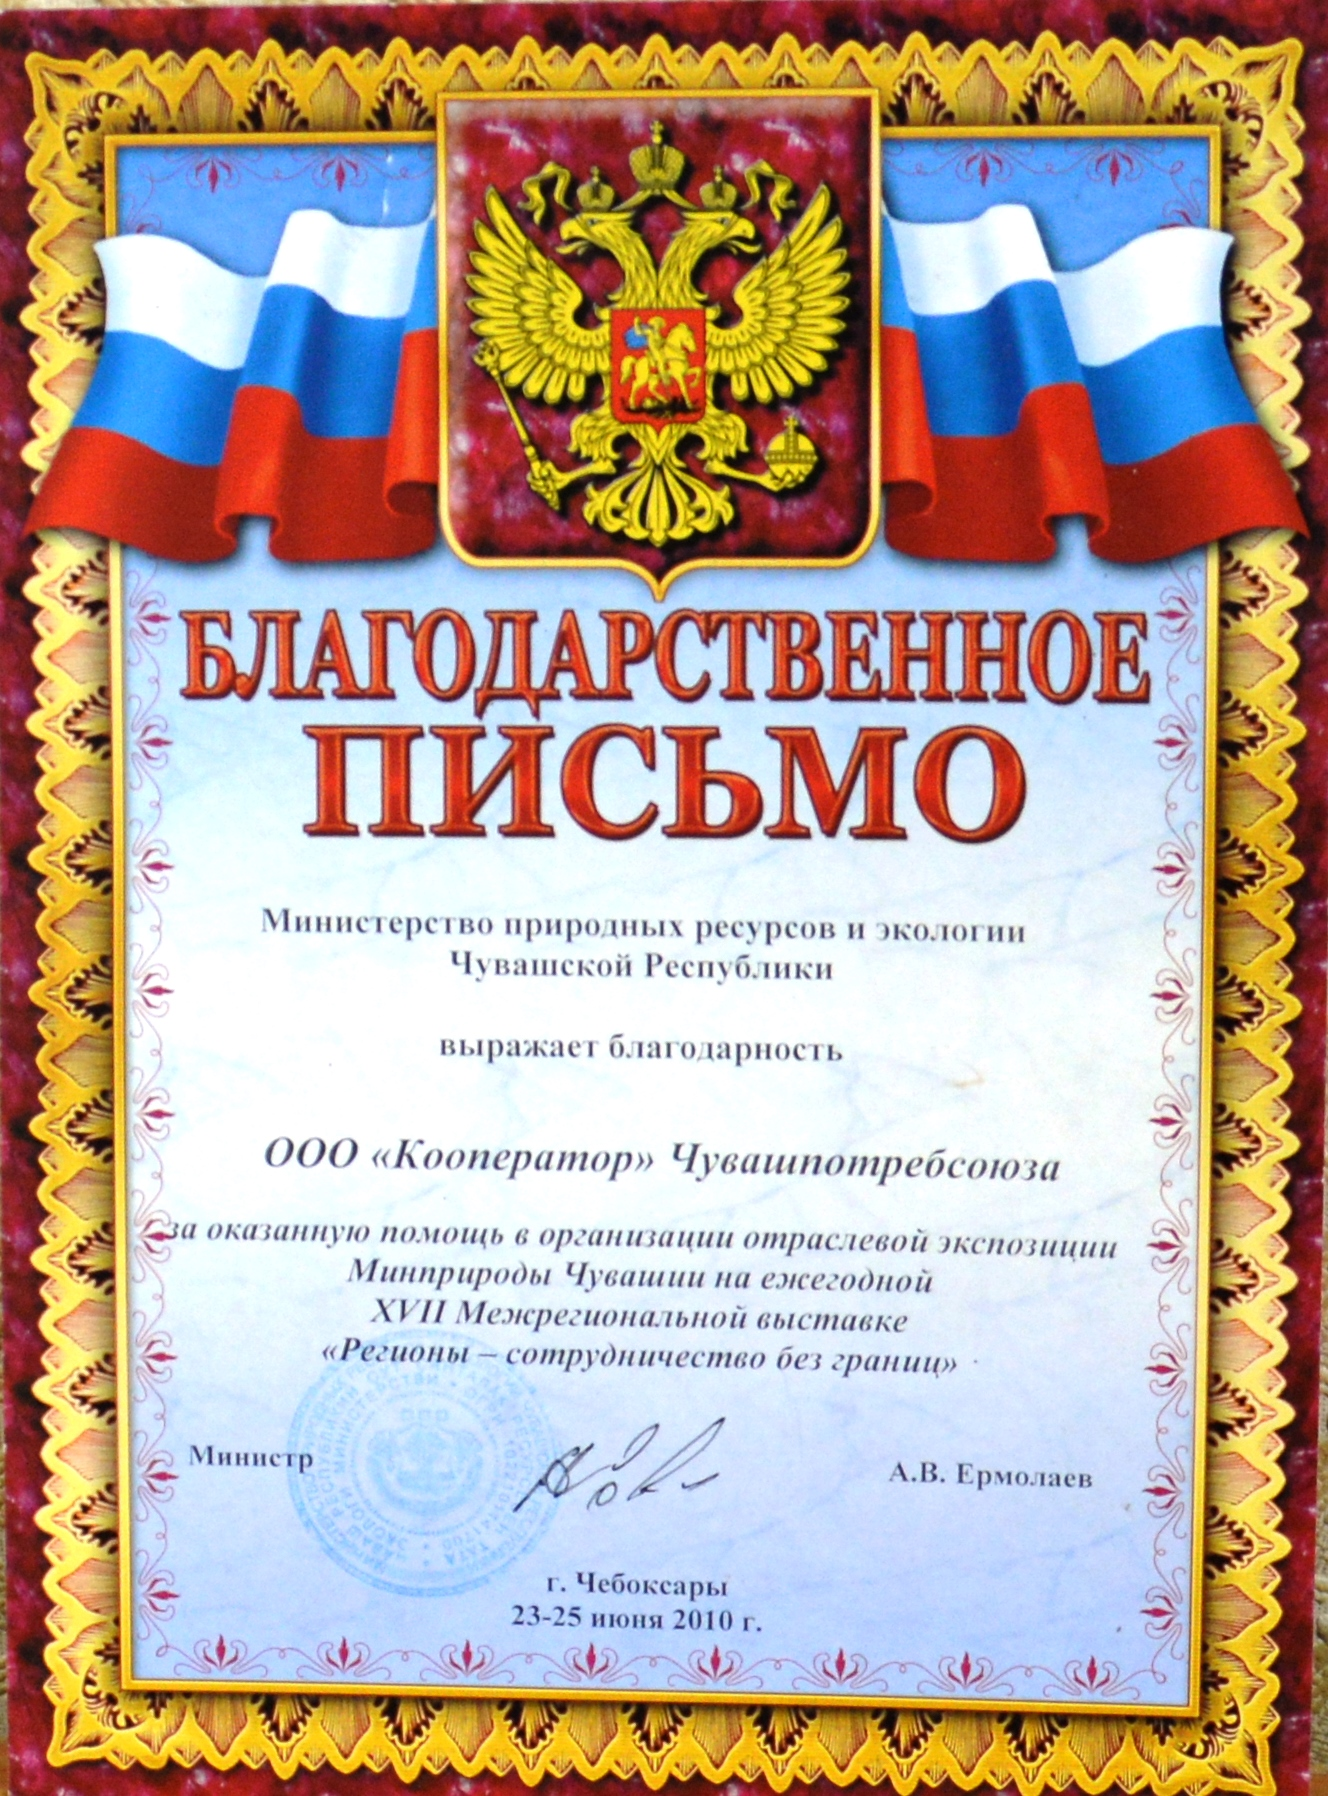 """""""Регионы-сотрудничество без границ"""""""